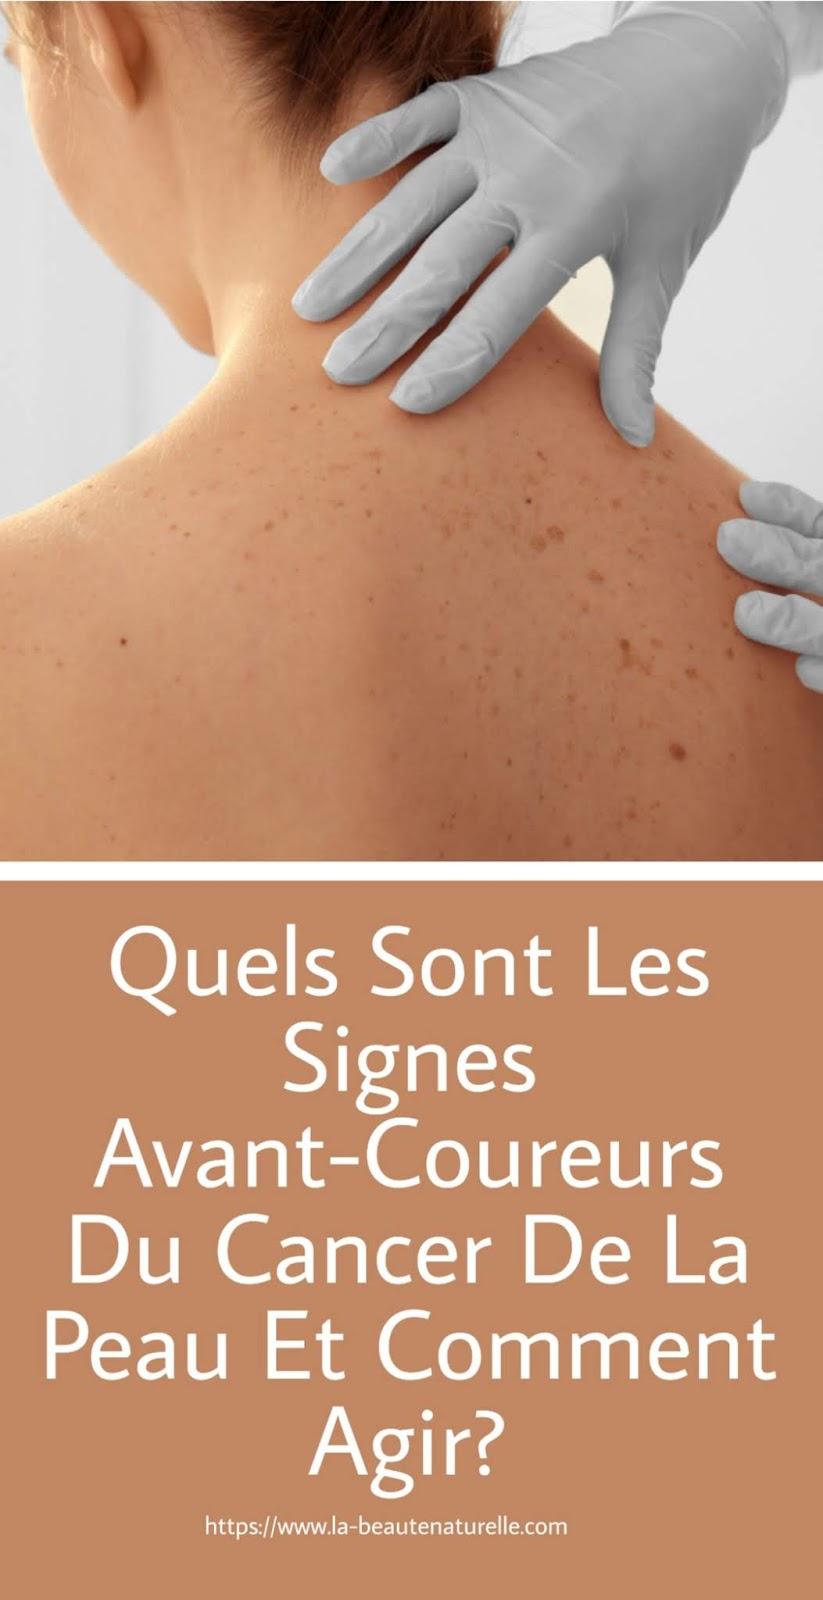 Quels Sont Les Signes Avant-Coureurs Du Cancer De La Peau Et Comment Agir?